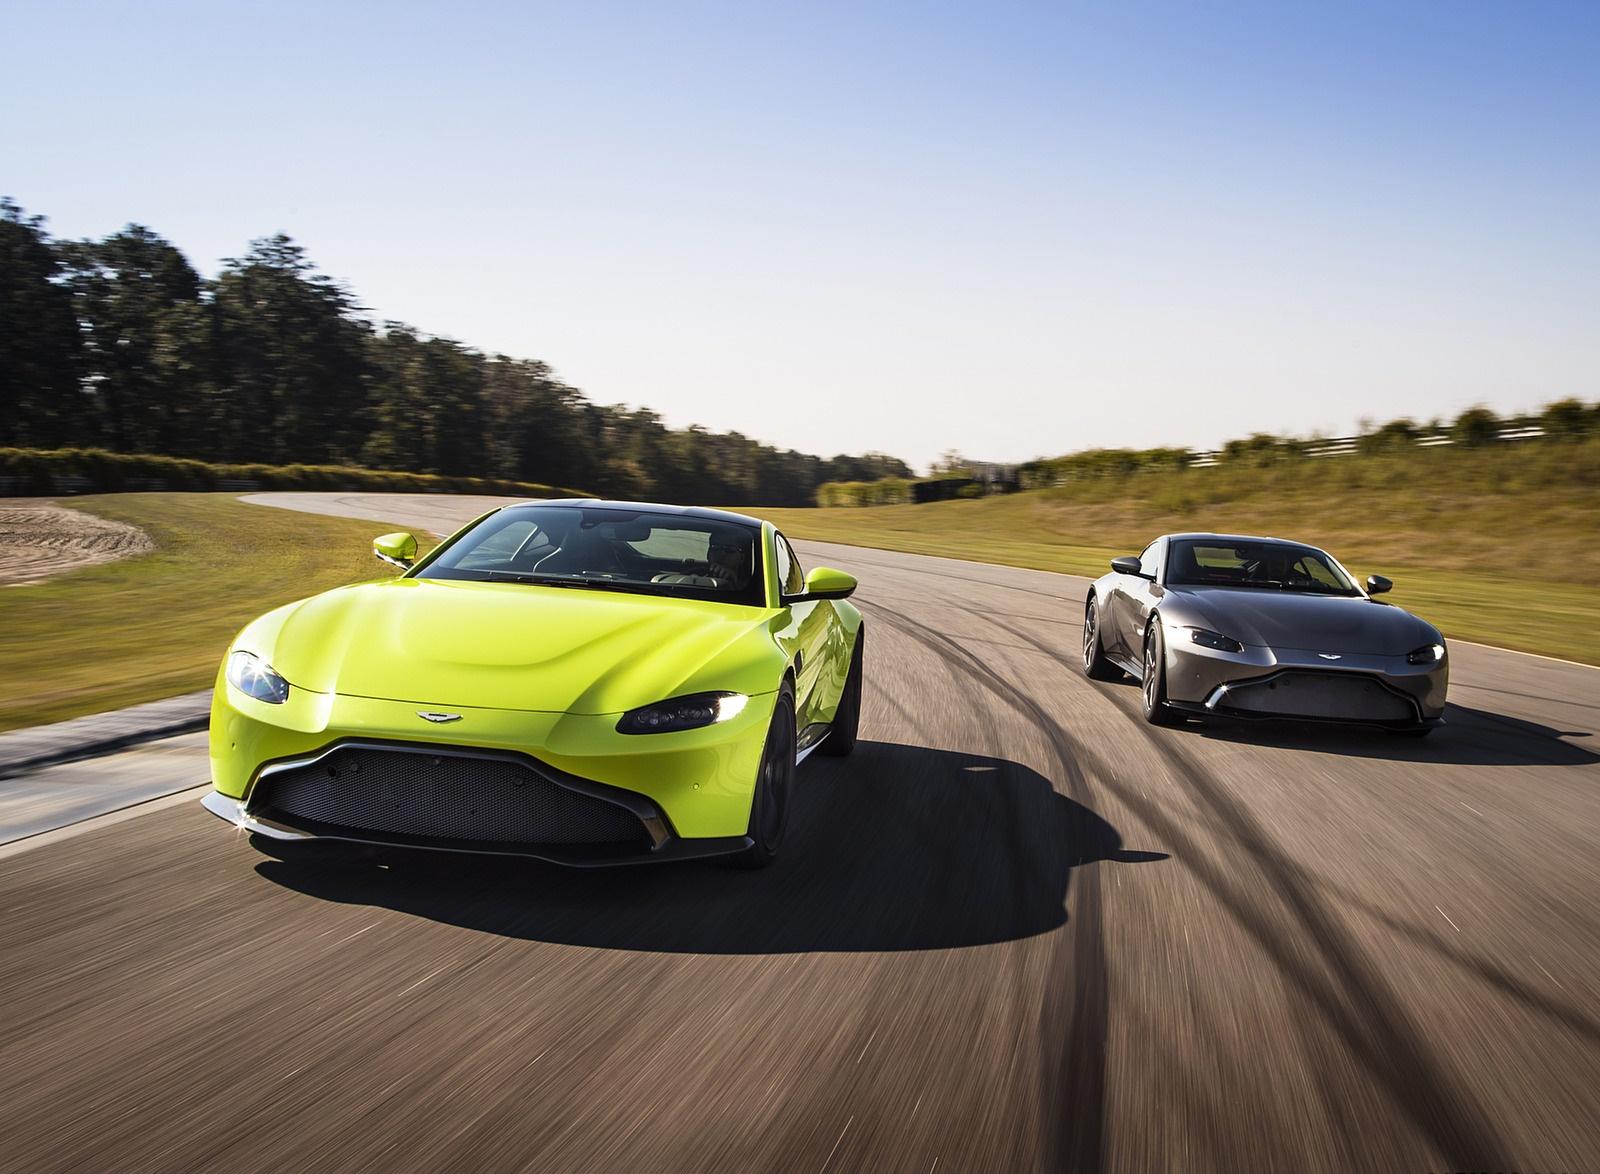 2019 Aston Martin Vantage Wallpapers (1)